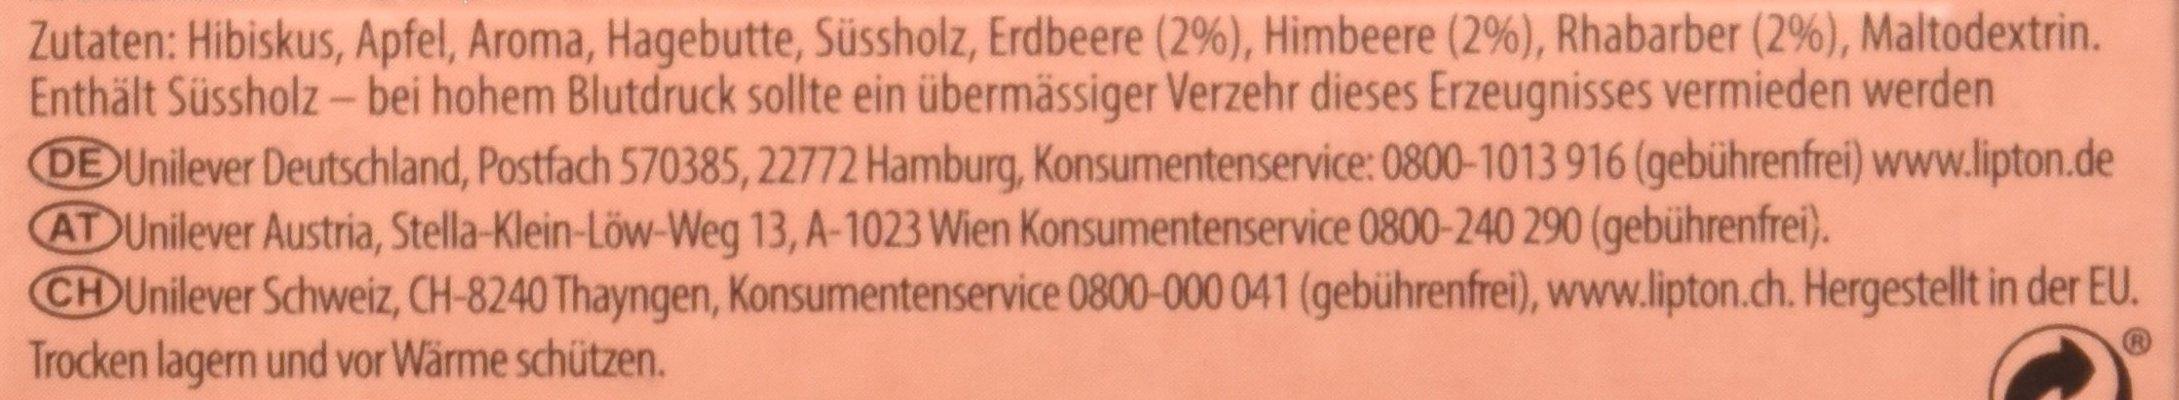 Lipton-Frchtetee-Erdbeere-Himbeere-Rhababer